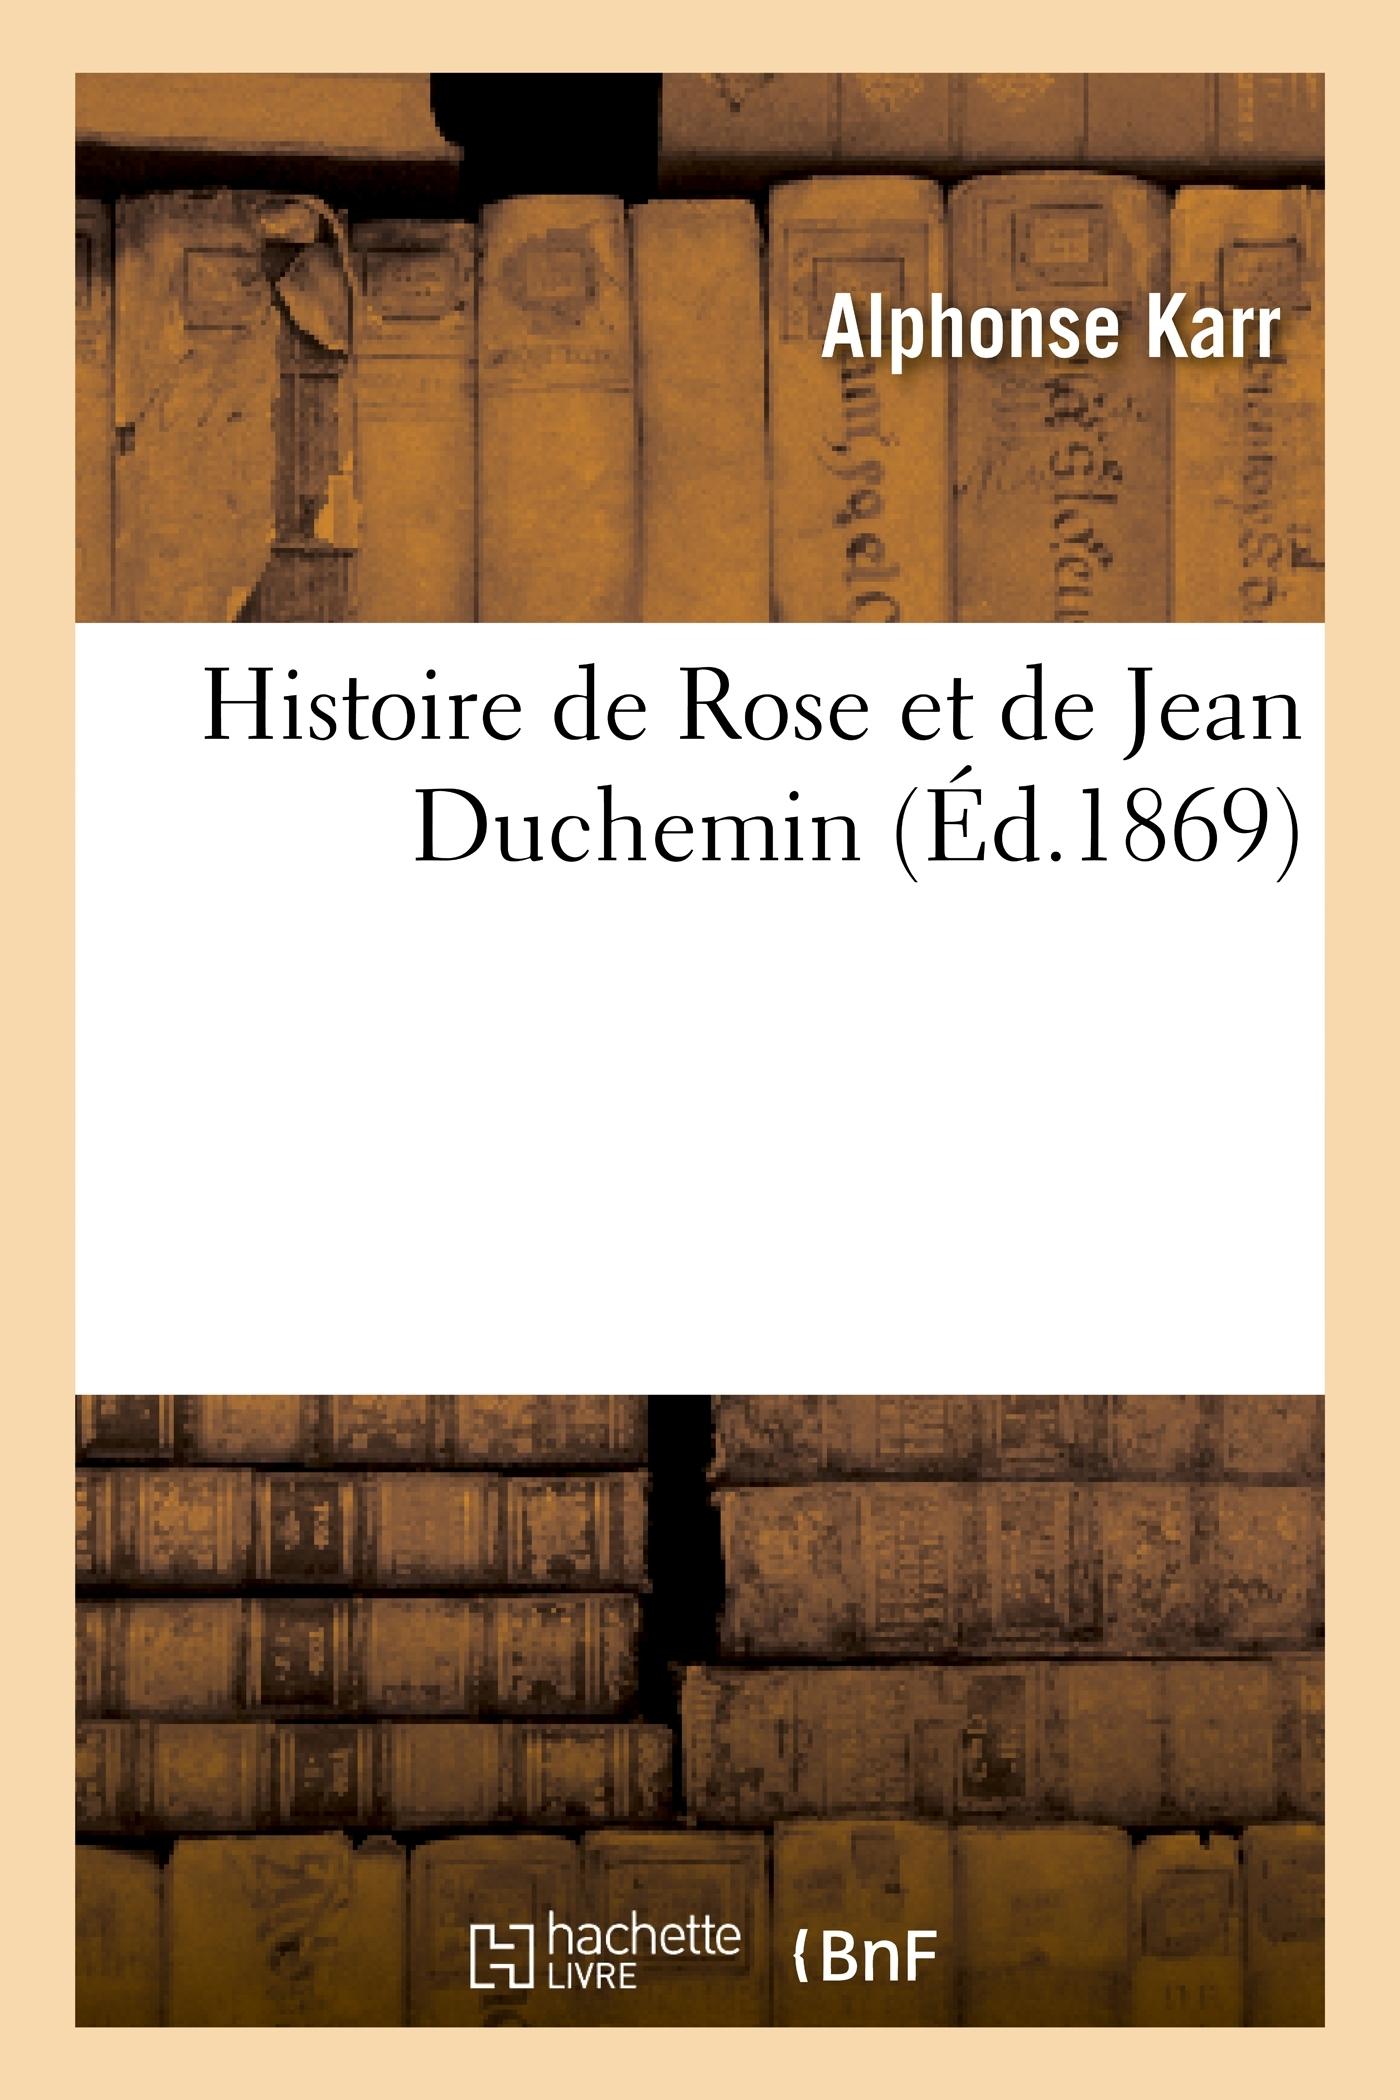 HISTOIRE DE ROSE ET DE JEAN DUCHEMIN